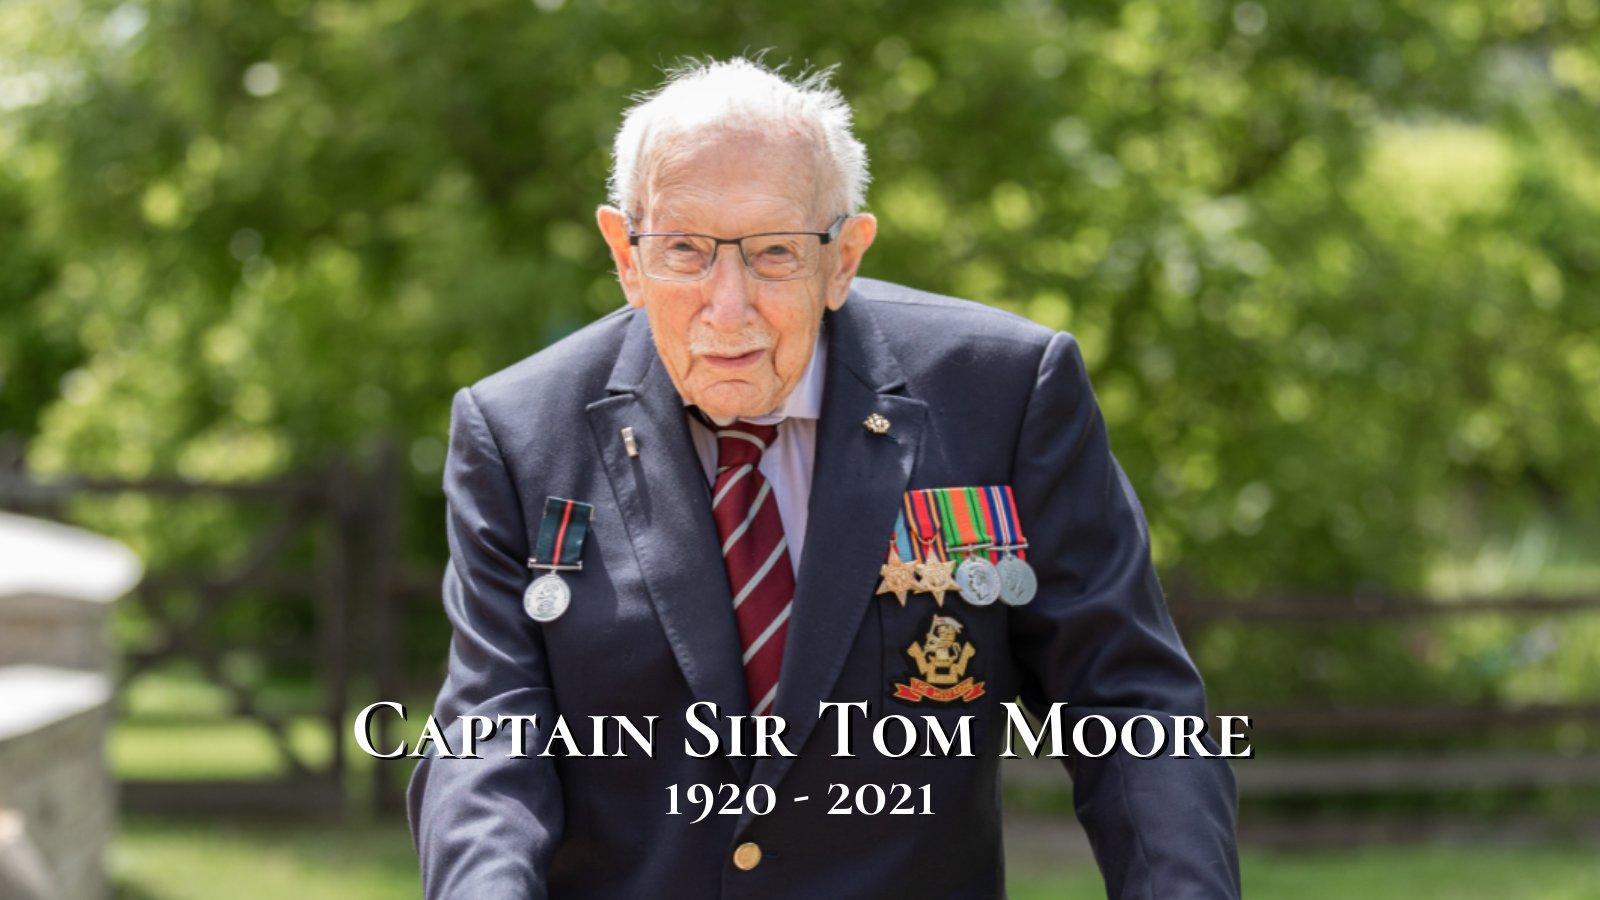 Captain Tom, veteranul de război care a strâns donaţii pentru NHS, a murit de COVID-19 la 100 de ani